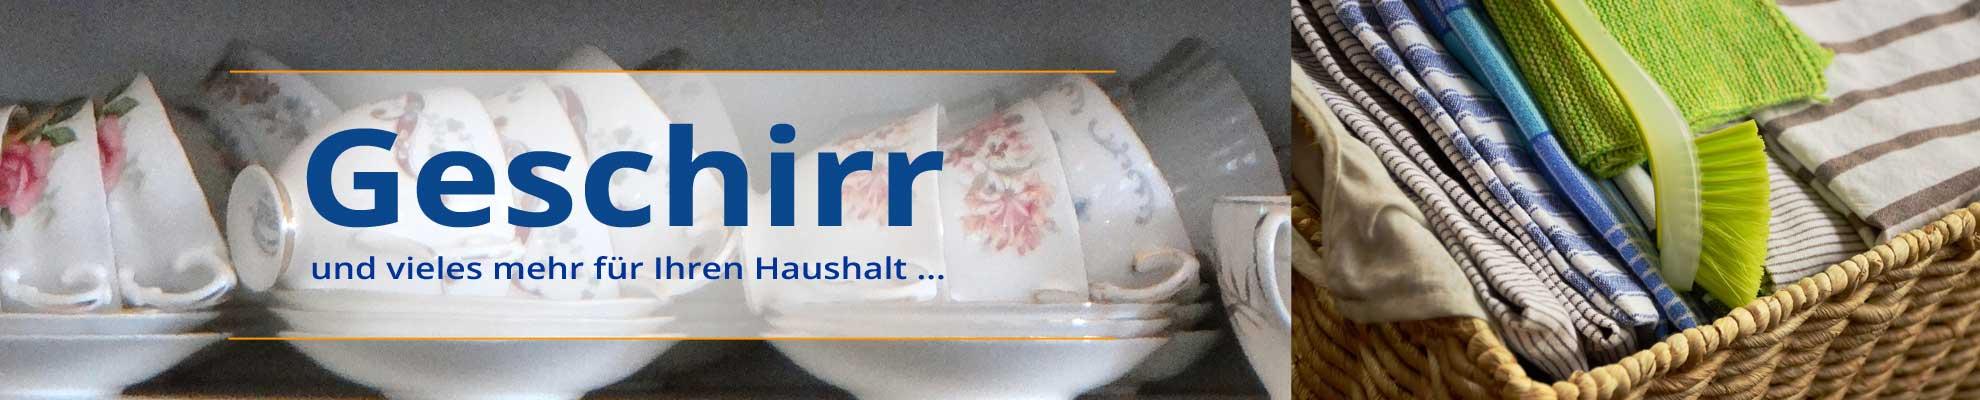 Magazin Halsenbach - Geschirr Haushalt